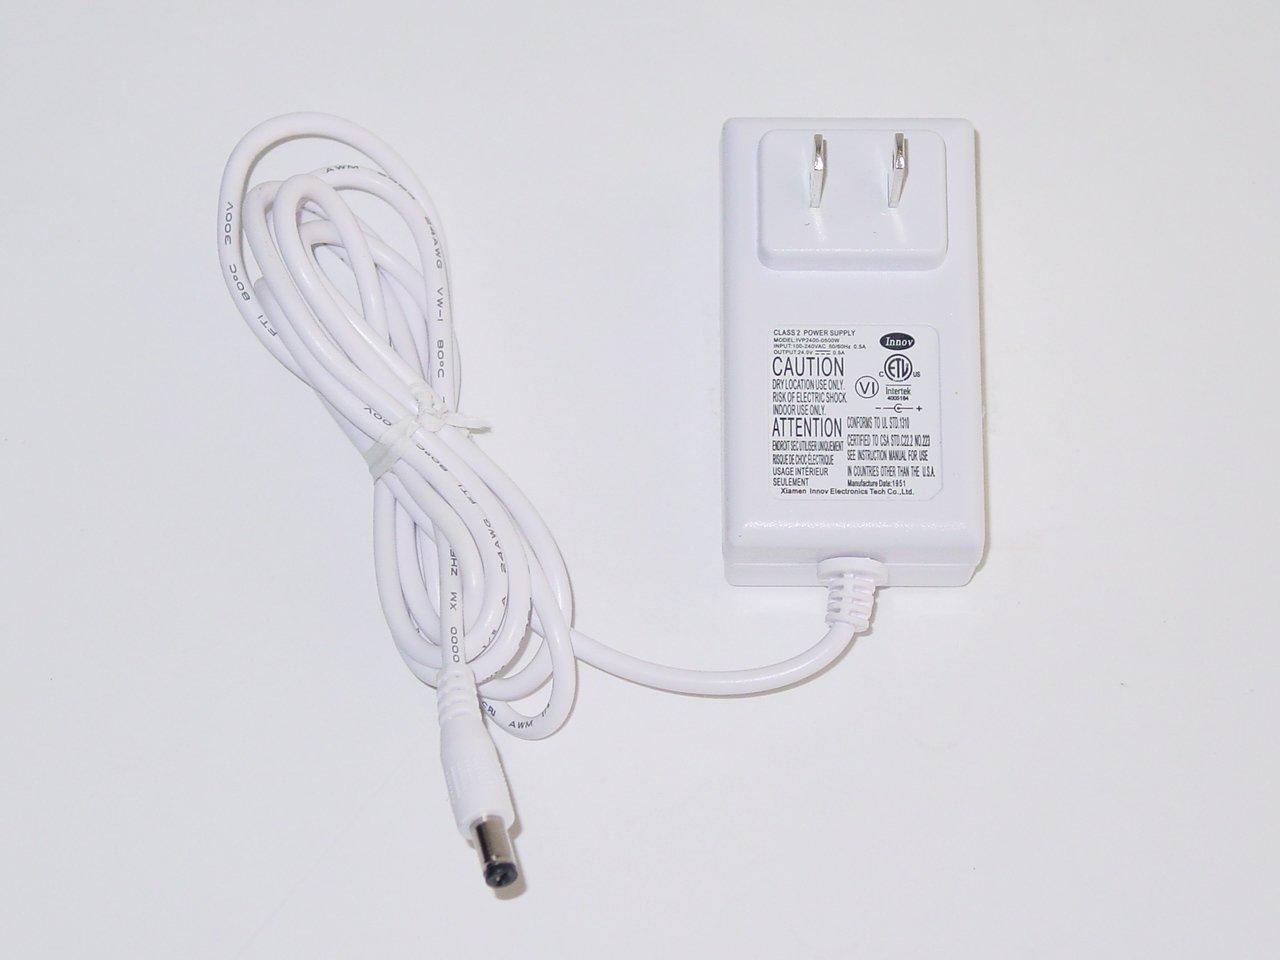 Innov IVP2400-0500W AC Power Adapter 24V 0.5A